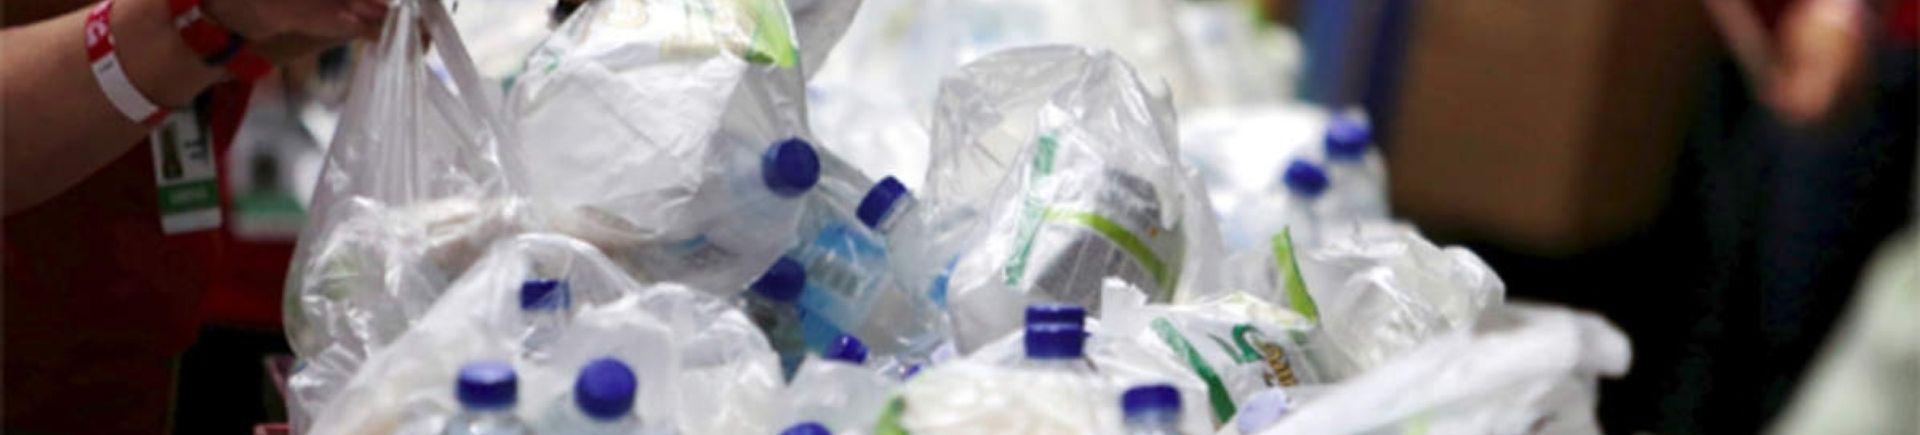 Flipkart-single-use plastic